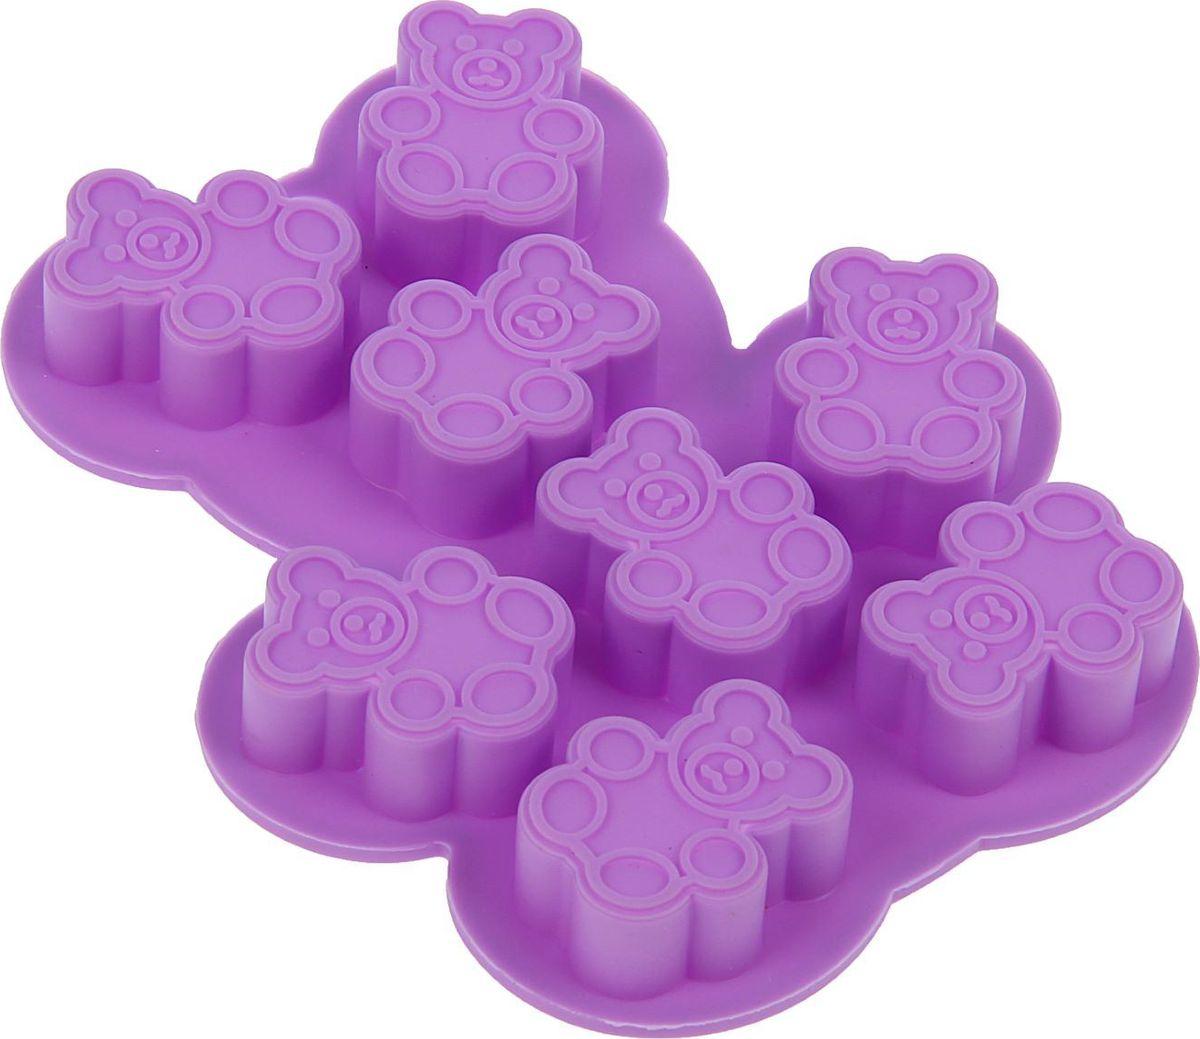 Форма для льда и шоколада Доляна Мишки, 8 ячеек, 13 х 11 х 1,5 см1540896Силикон не теряет эластичности при отрицательных температурах (до - 40?С), поэтому, готовые льдинки легко достаются из формы и не крошатся. Лед получается идеальной формы. С силиконовыми формами для льда легко фантазировать и придумывать новые рецепты. В формах можно заморозить сок или приготовить мини порции мороженого, желе, шоколада или другого десерта. Особенно эффектно выглядят льдинки с замороженными внутри ягодами или дольками фруктов. Заморозив настой из трав, можно использовать его в косметологических целях.